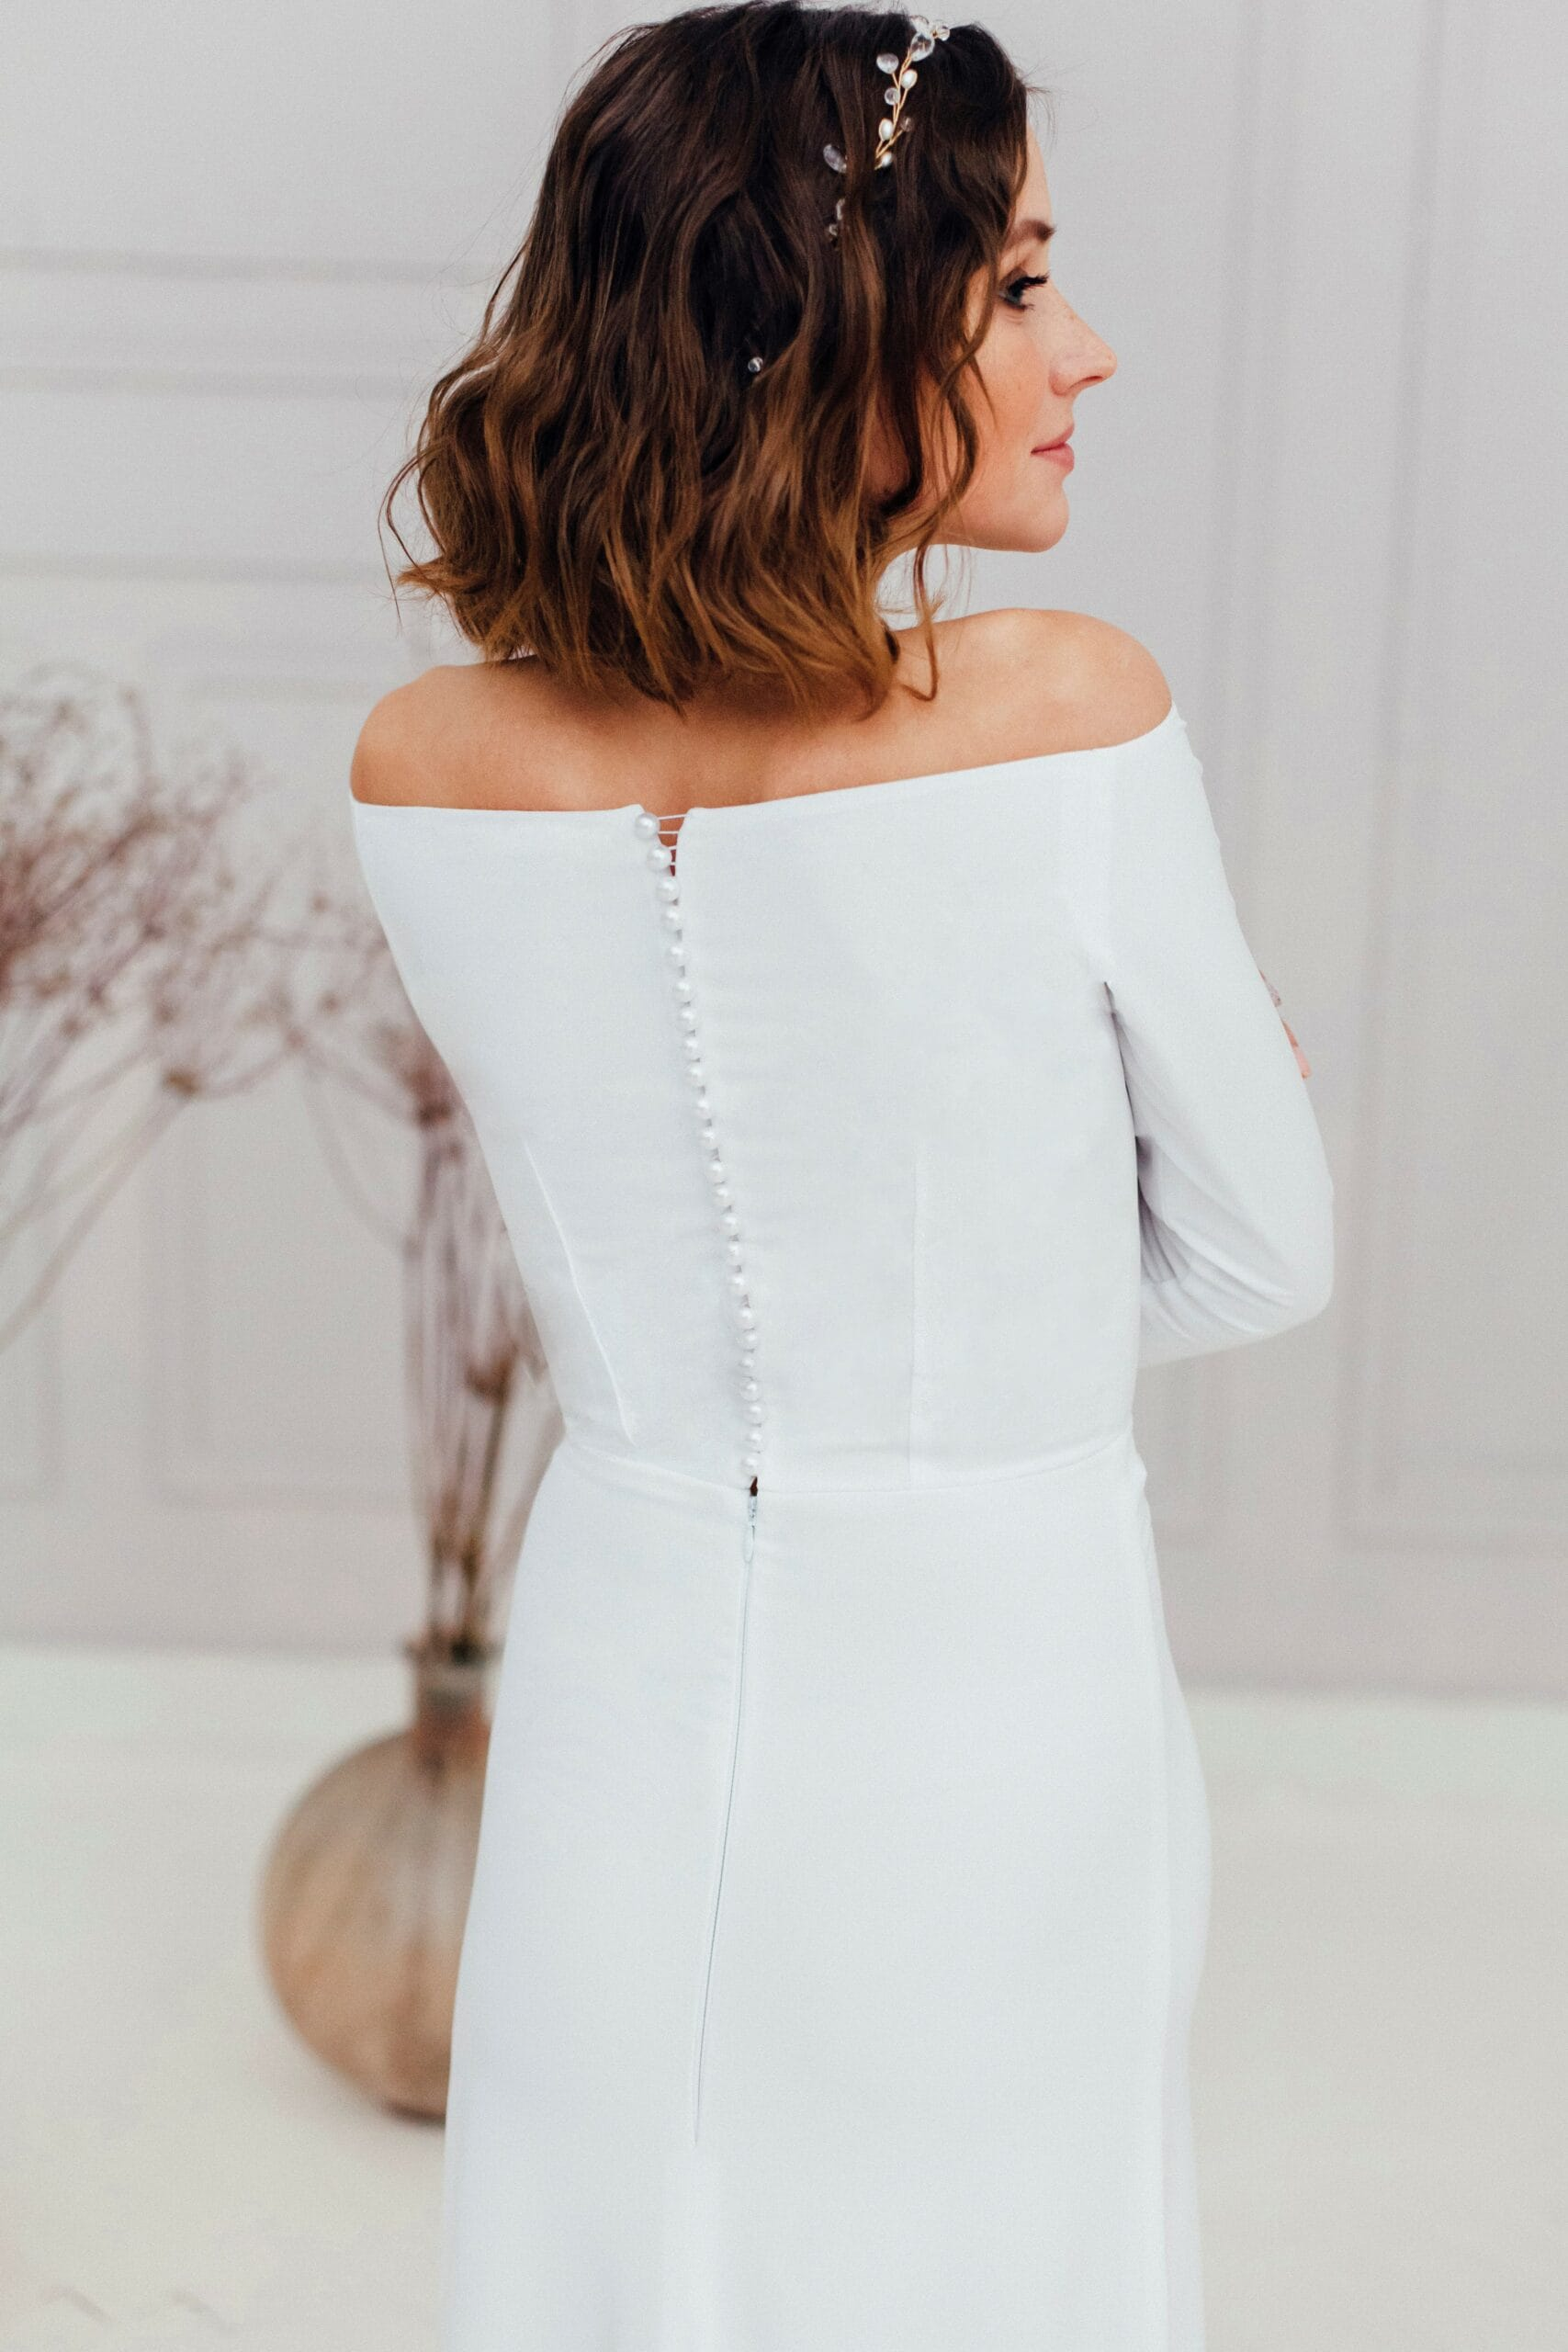 Свадебное платье MAINE, коллекция REFINED ELEGANCE, бренд OKA NOMO, фото 2